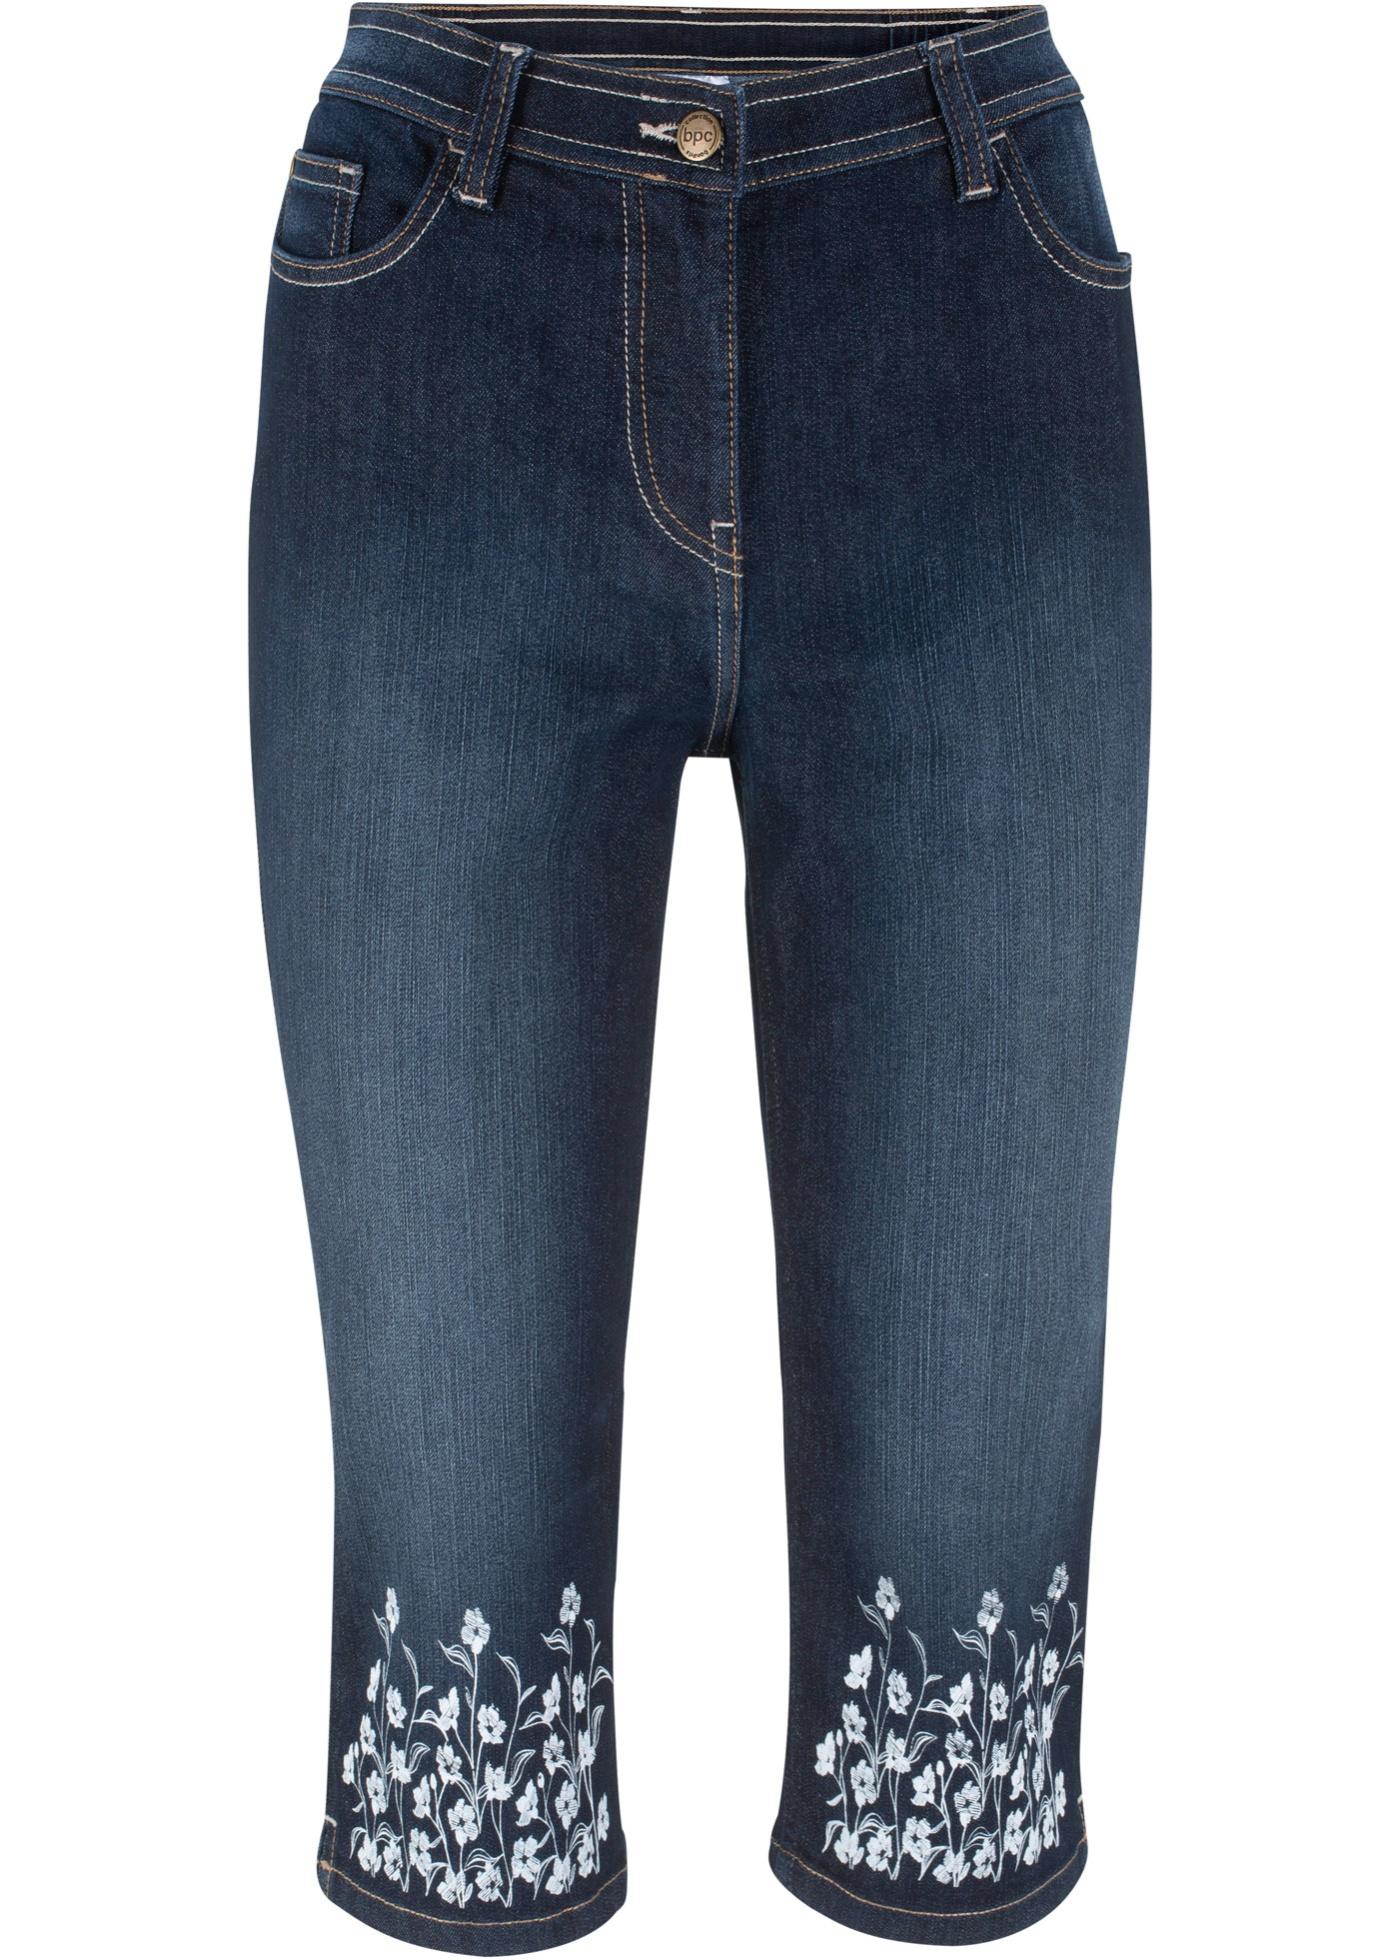 Bonprix - Jeans i trekvartsl?¤ngd med broderat m??nster 249.00